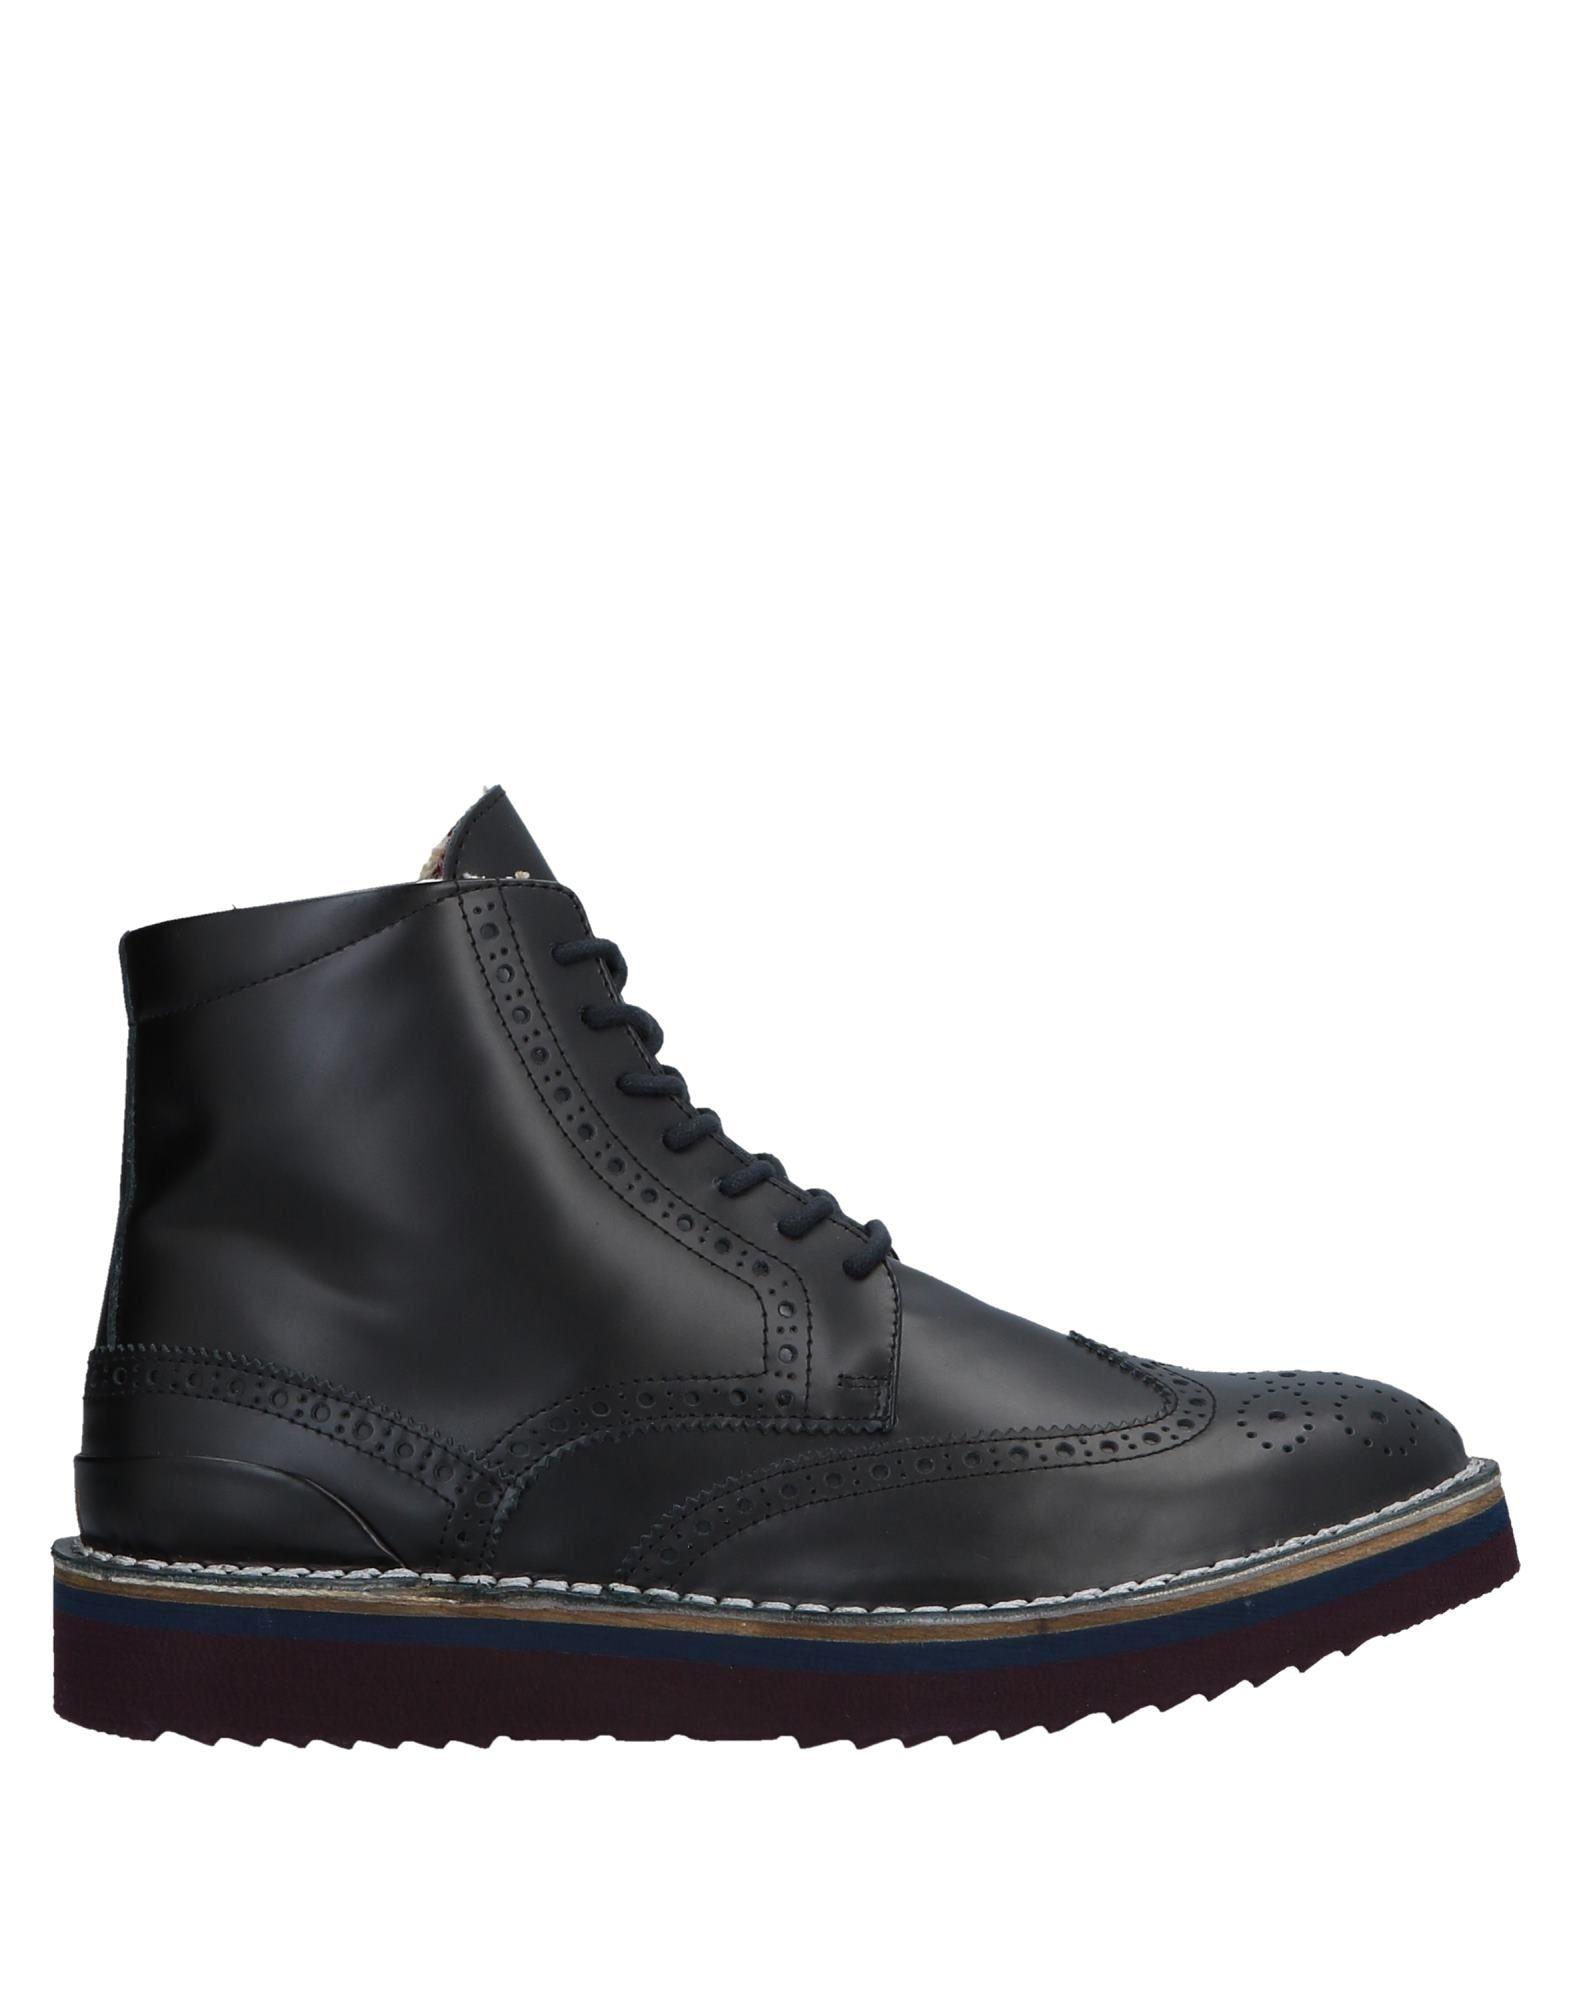 LAGOA Boots in Black